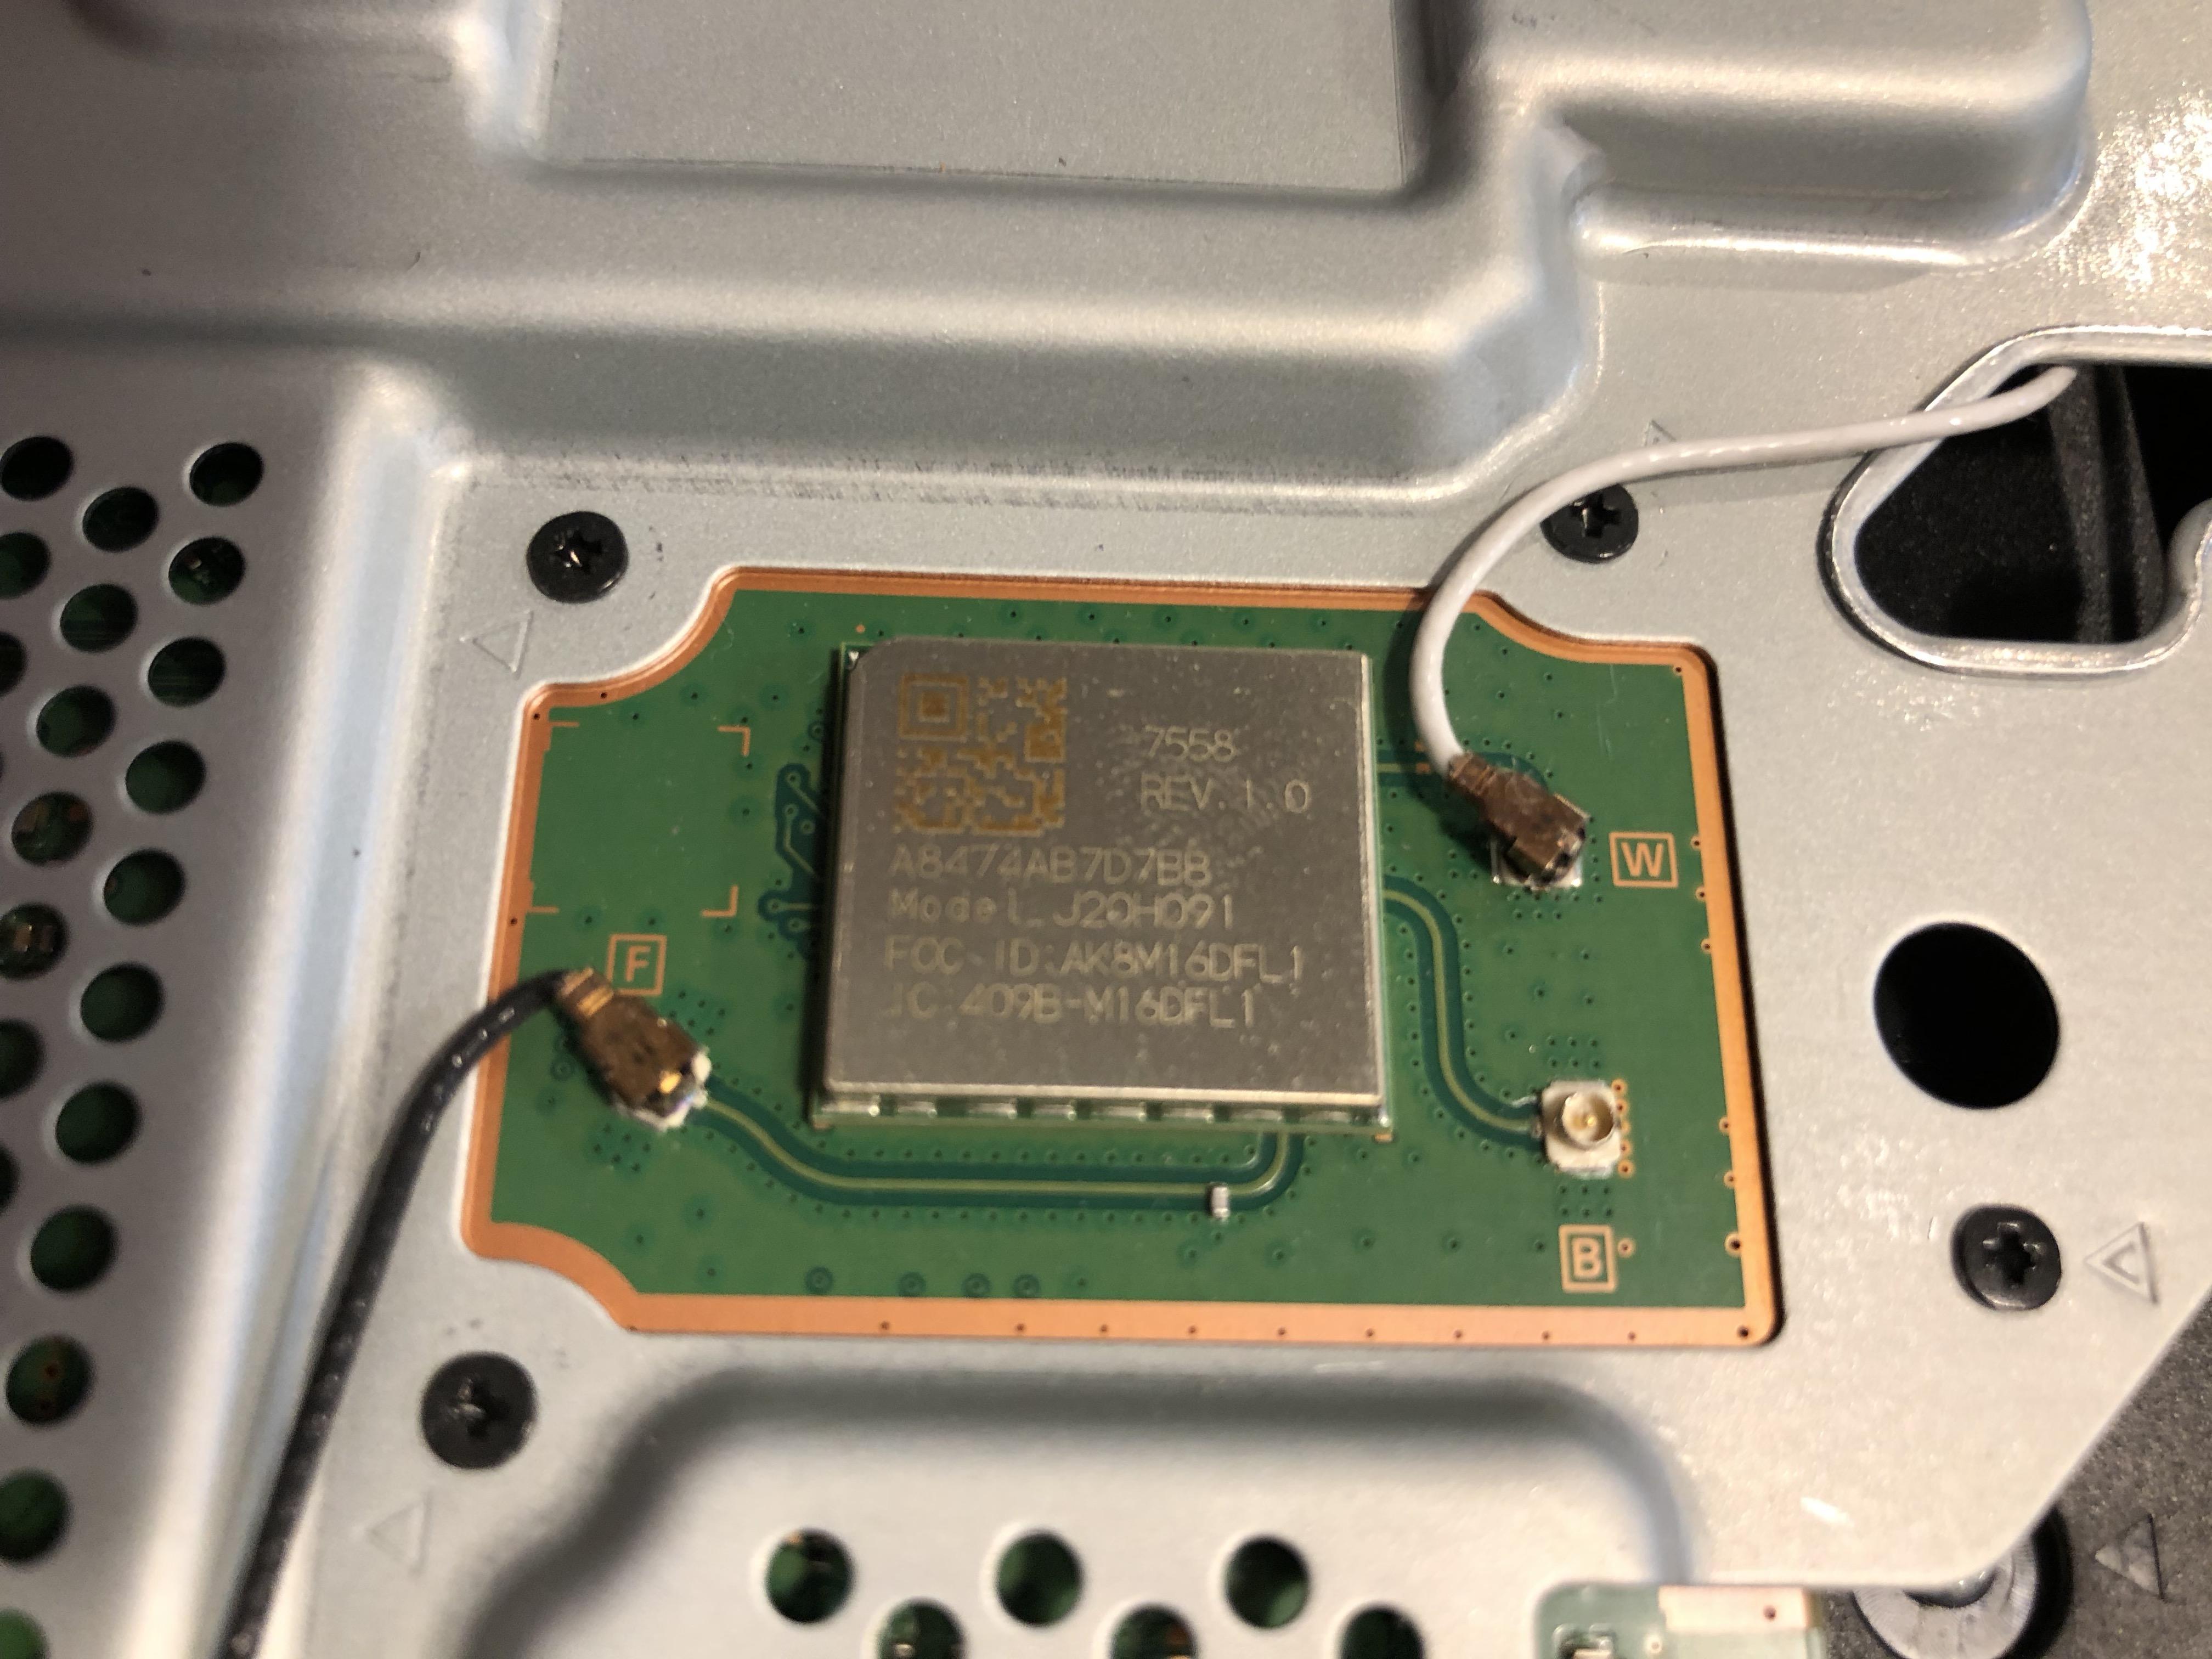 Playstation 4 Controller kan geen verbinding maken met de PS4